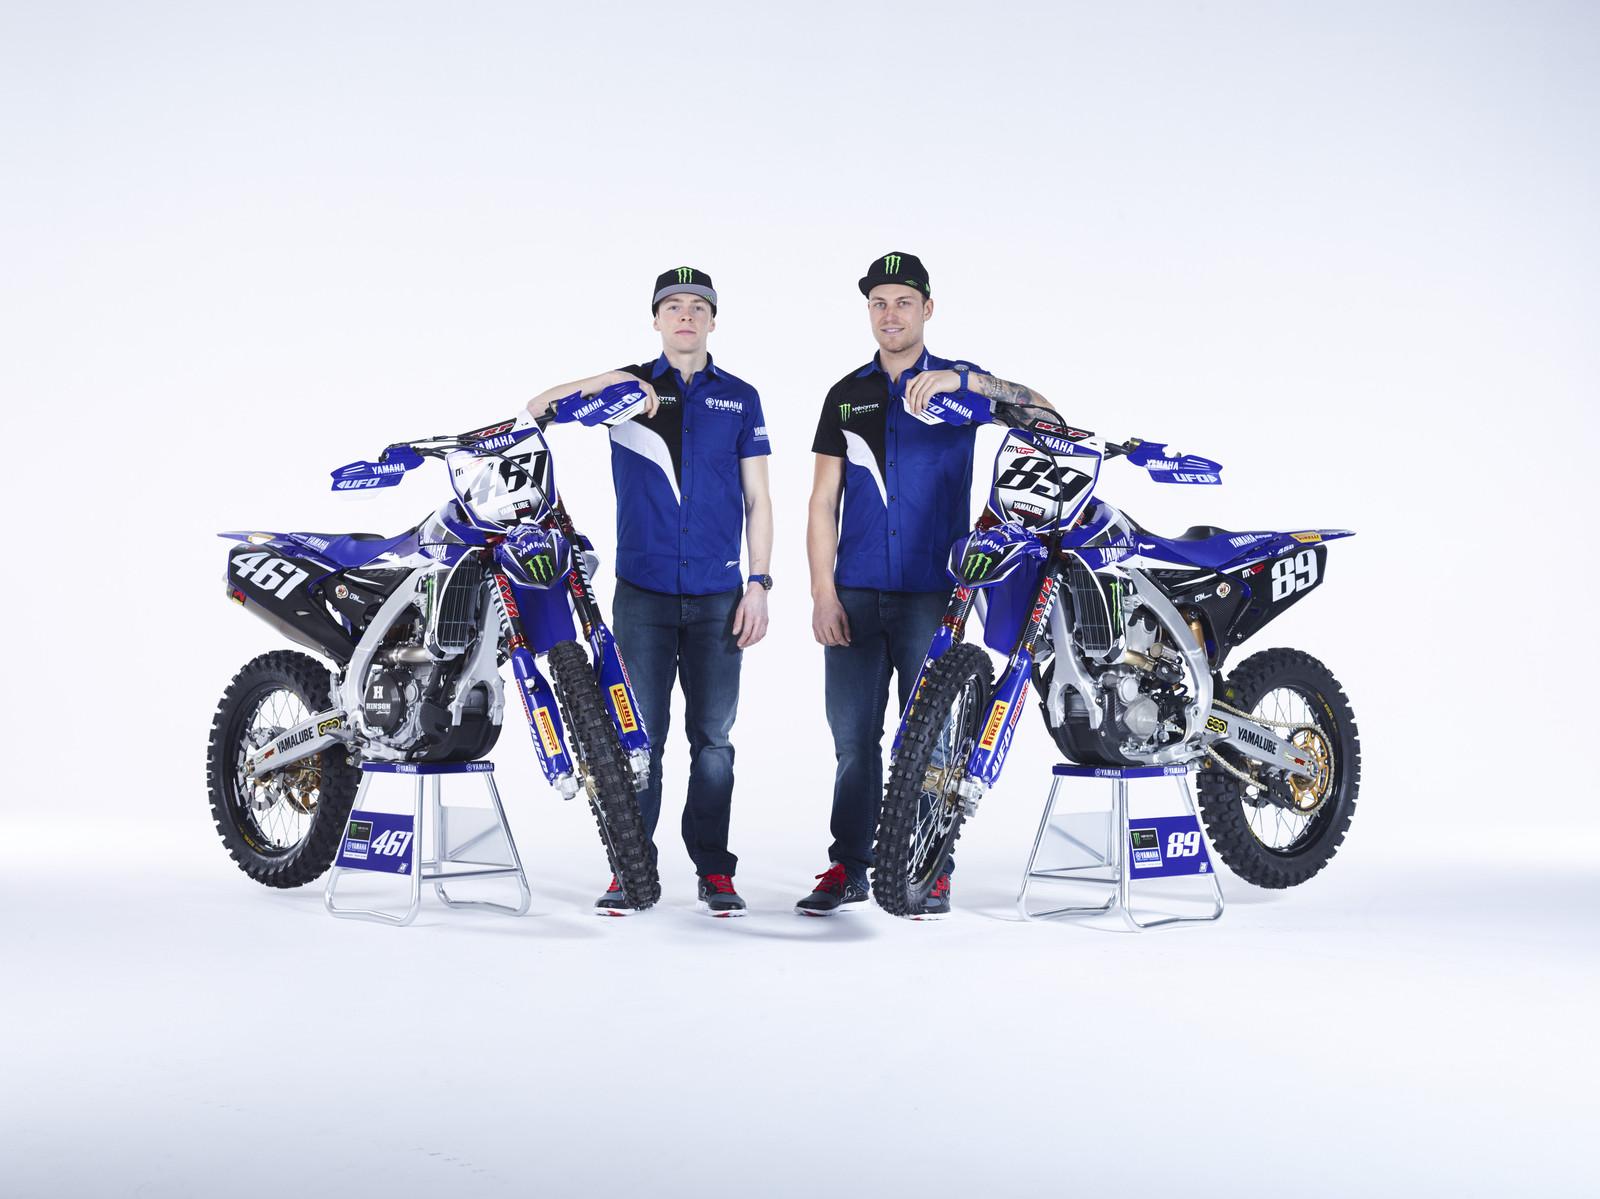 Romain Febvre and Jeremy Van Horebeek - First Look: 2016 Monster Energy Yamaha YZ450FM - Motocross Pictures - Vital MX